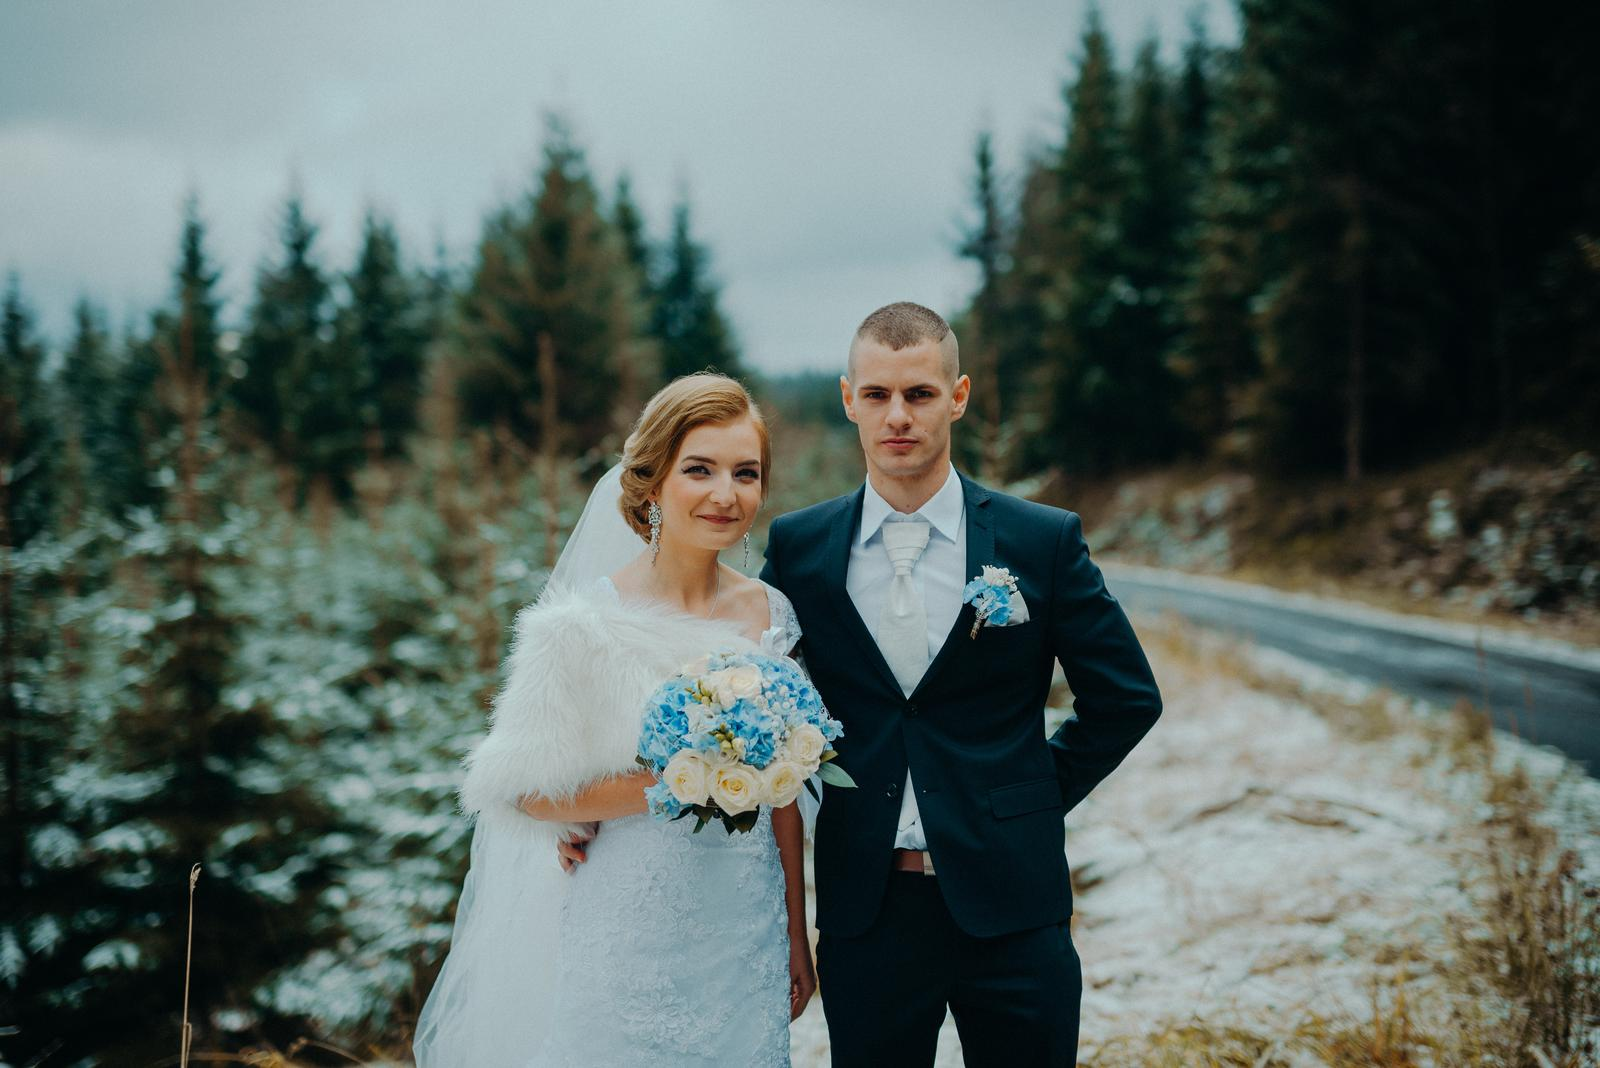 Deniska a Lacko - Obrázok č. 2